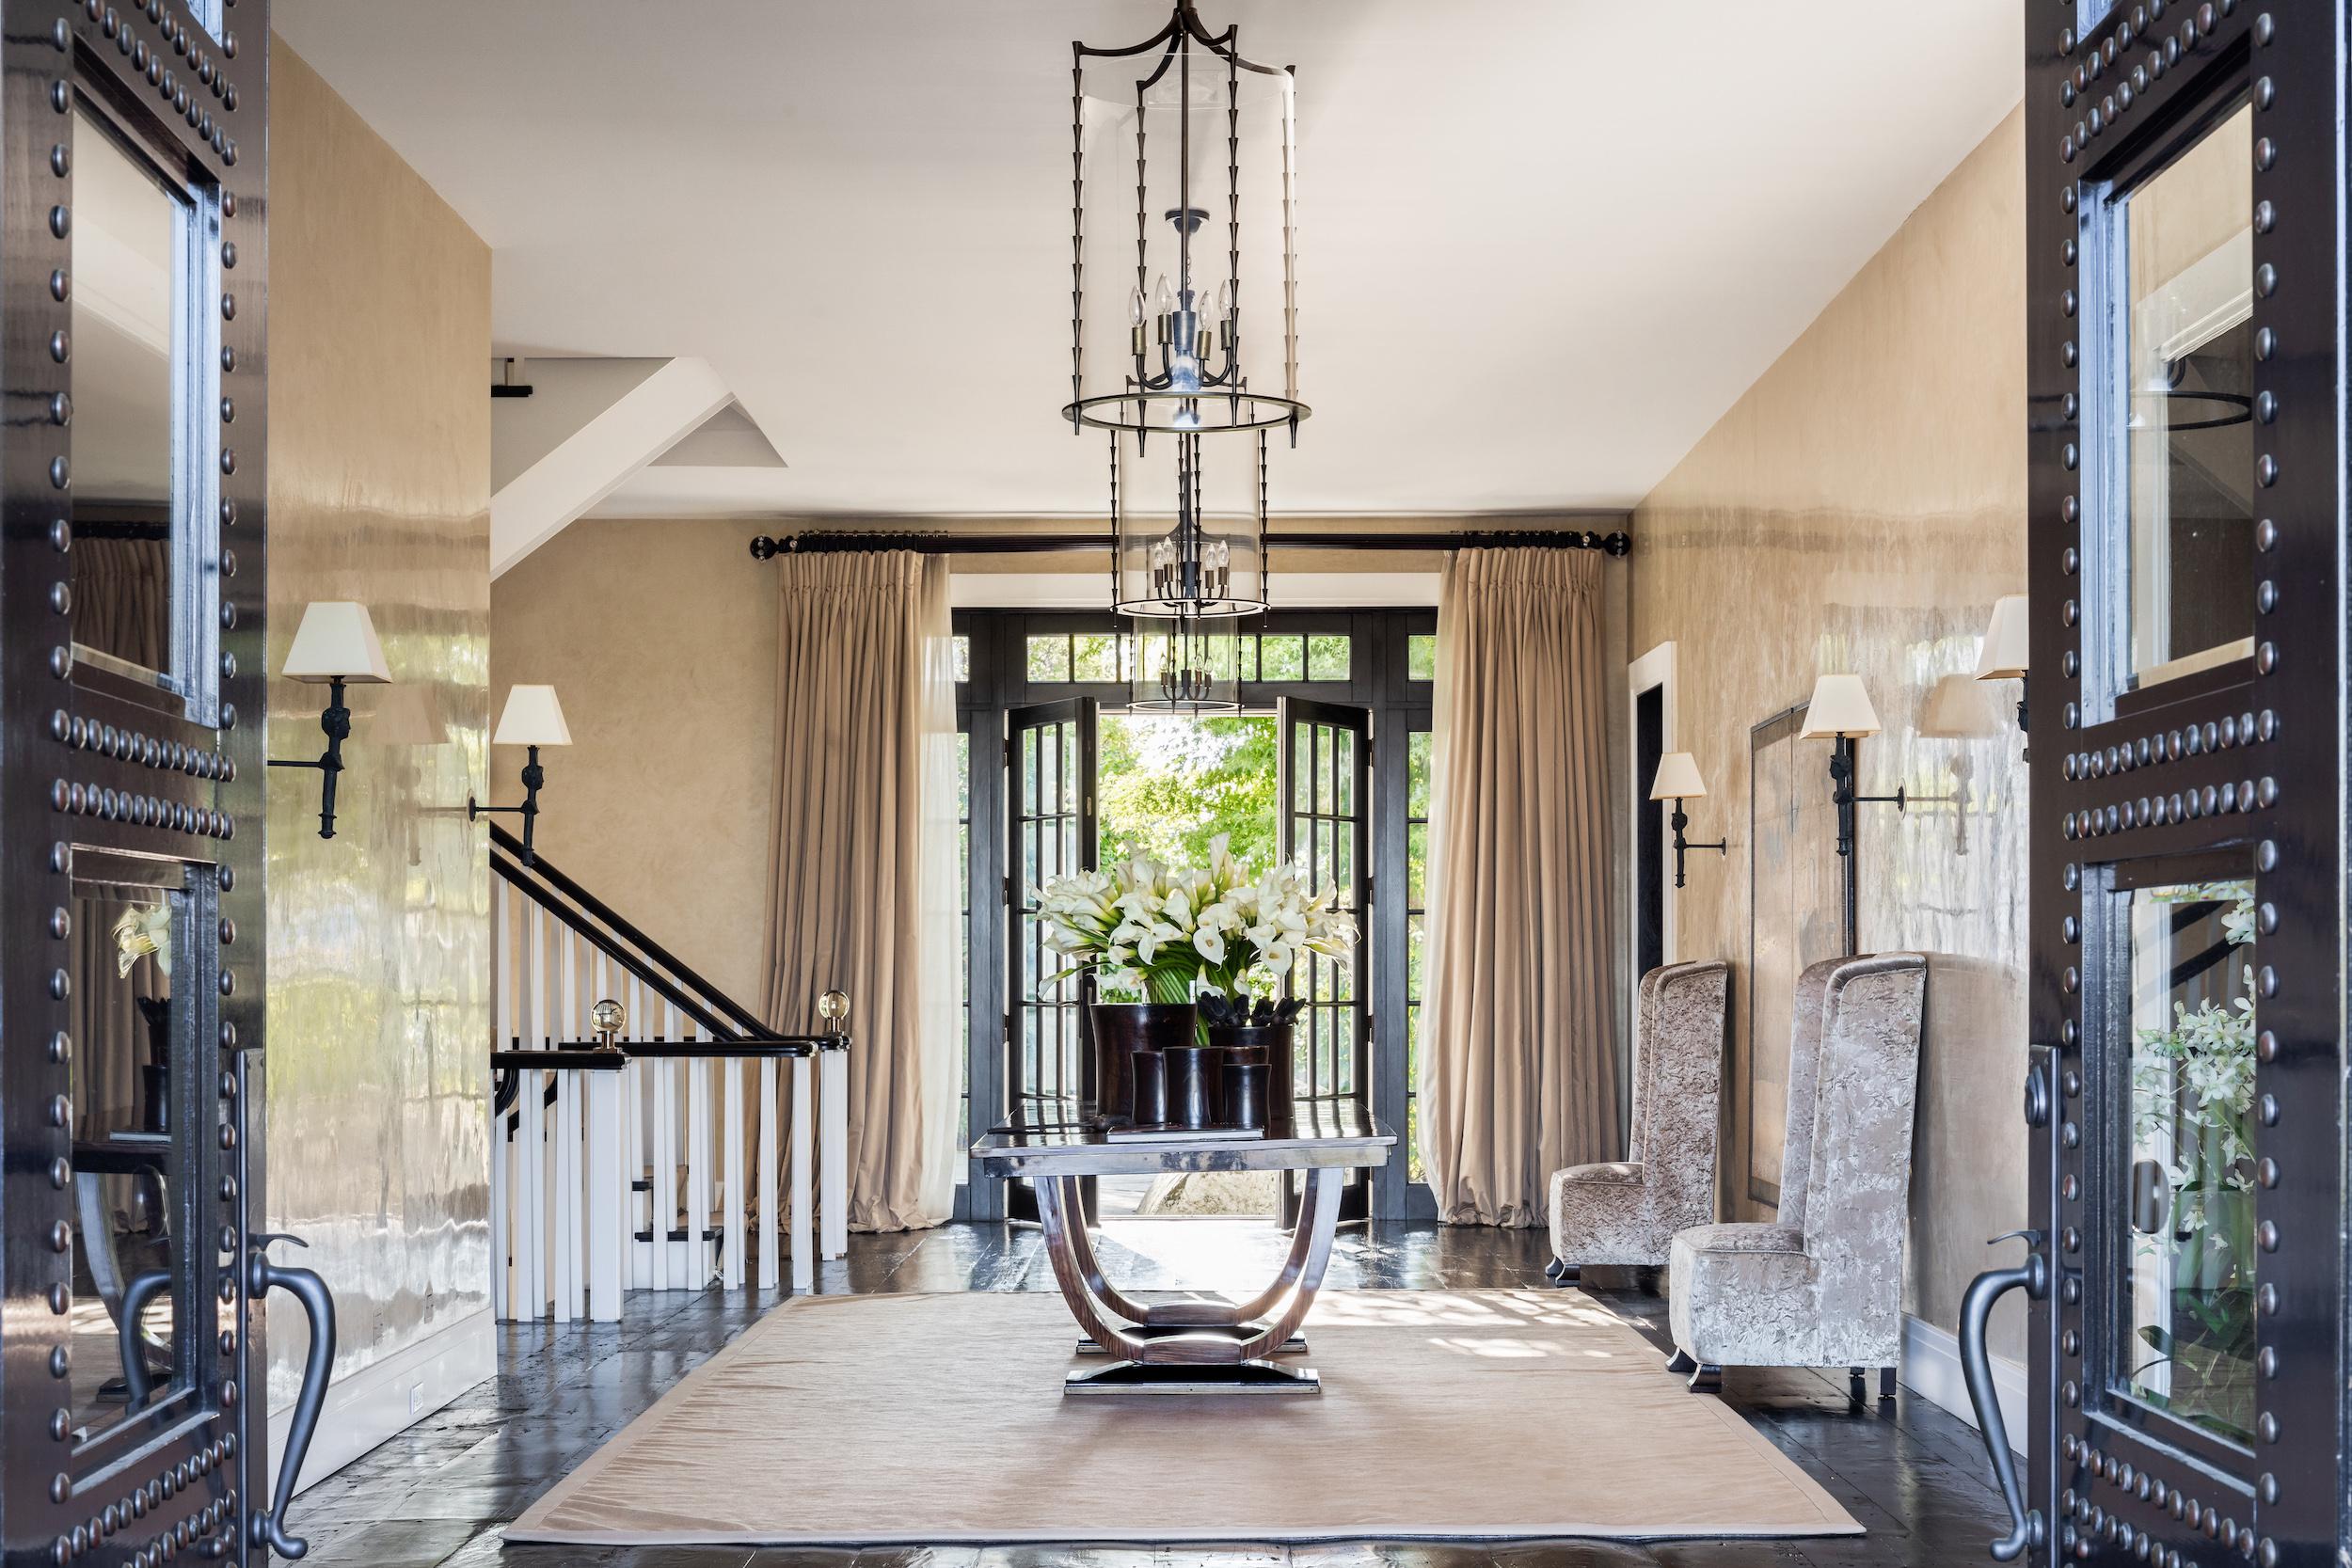 La casa cuenta con más de 2.200 m2